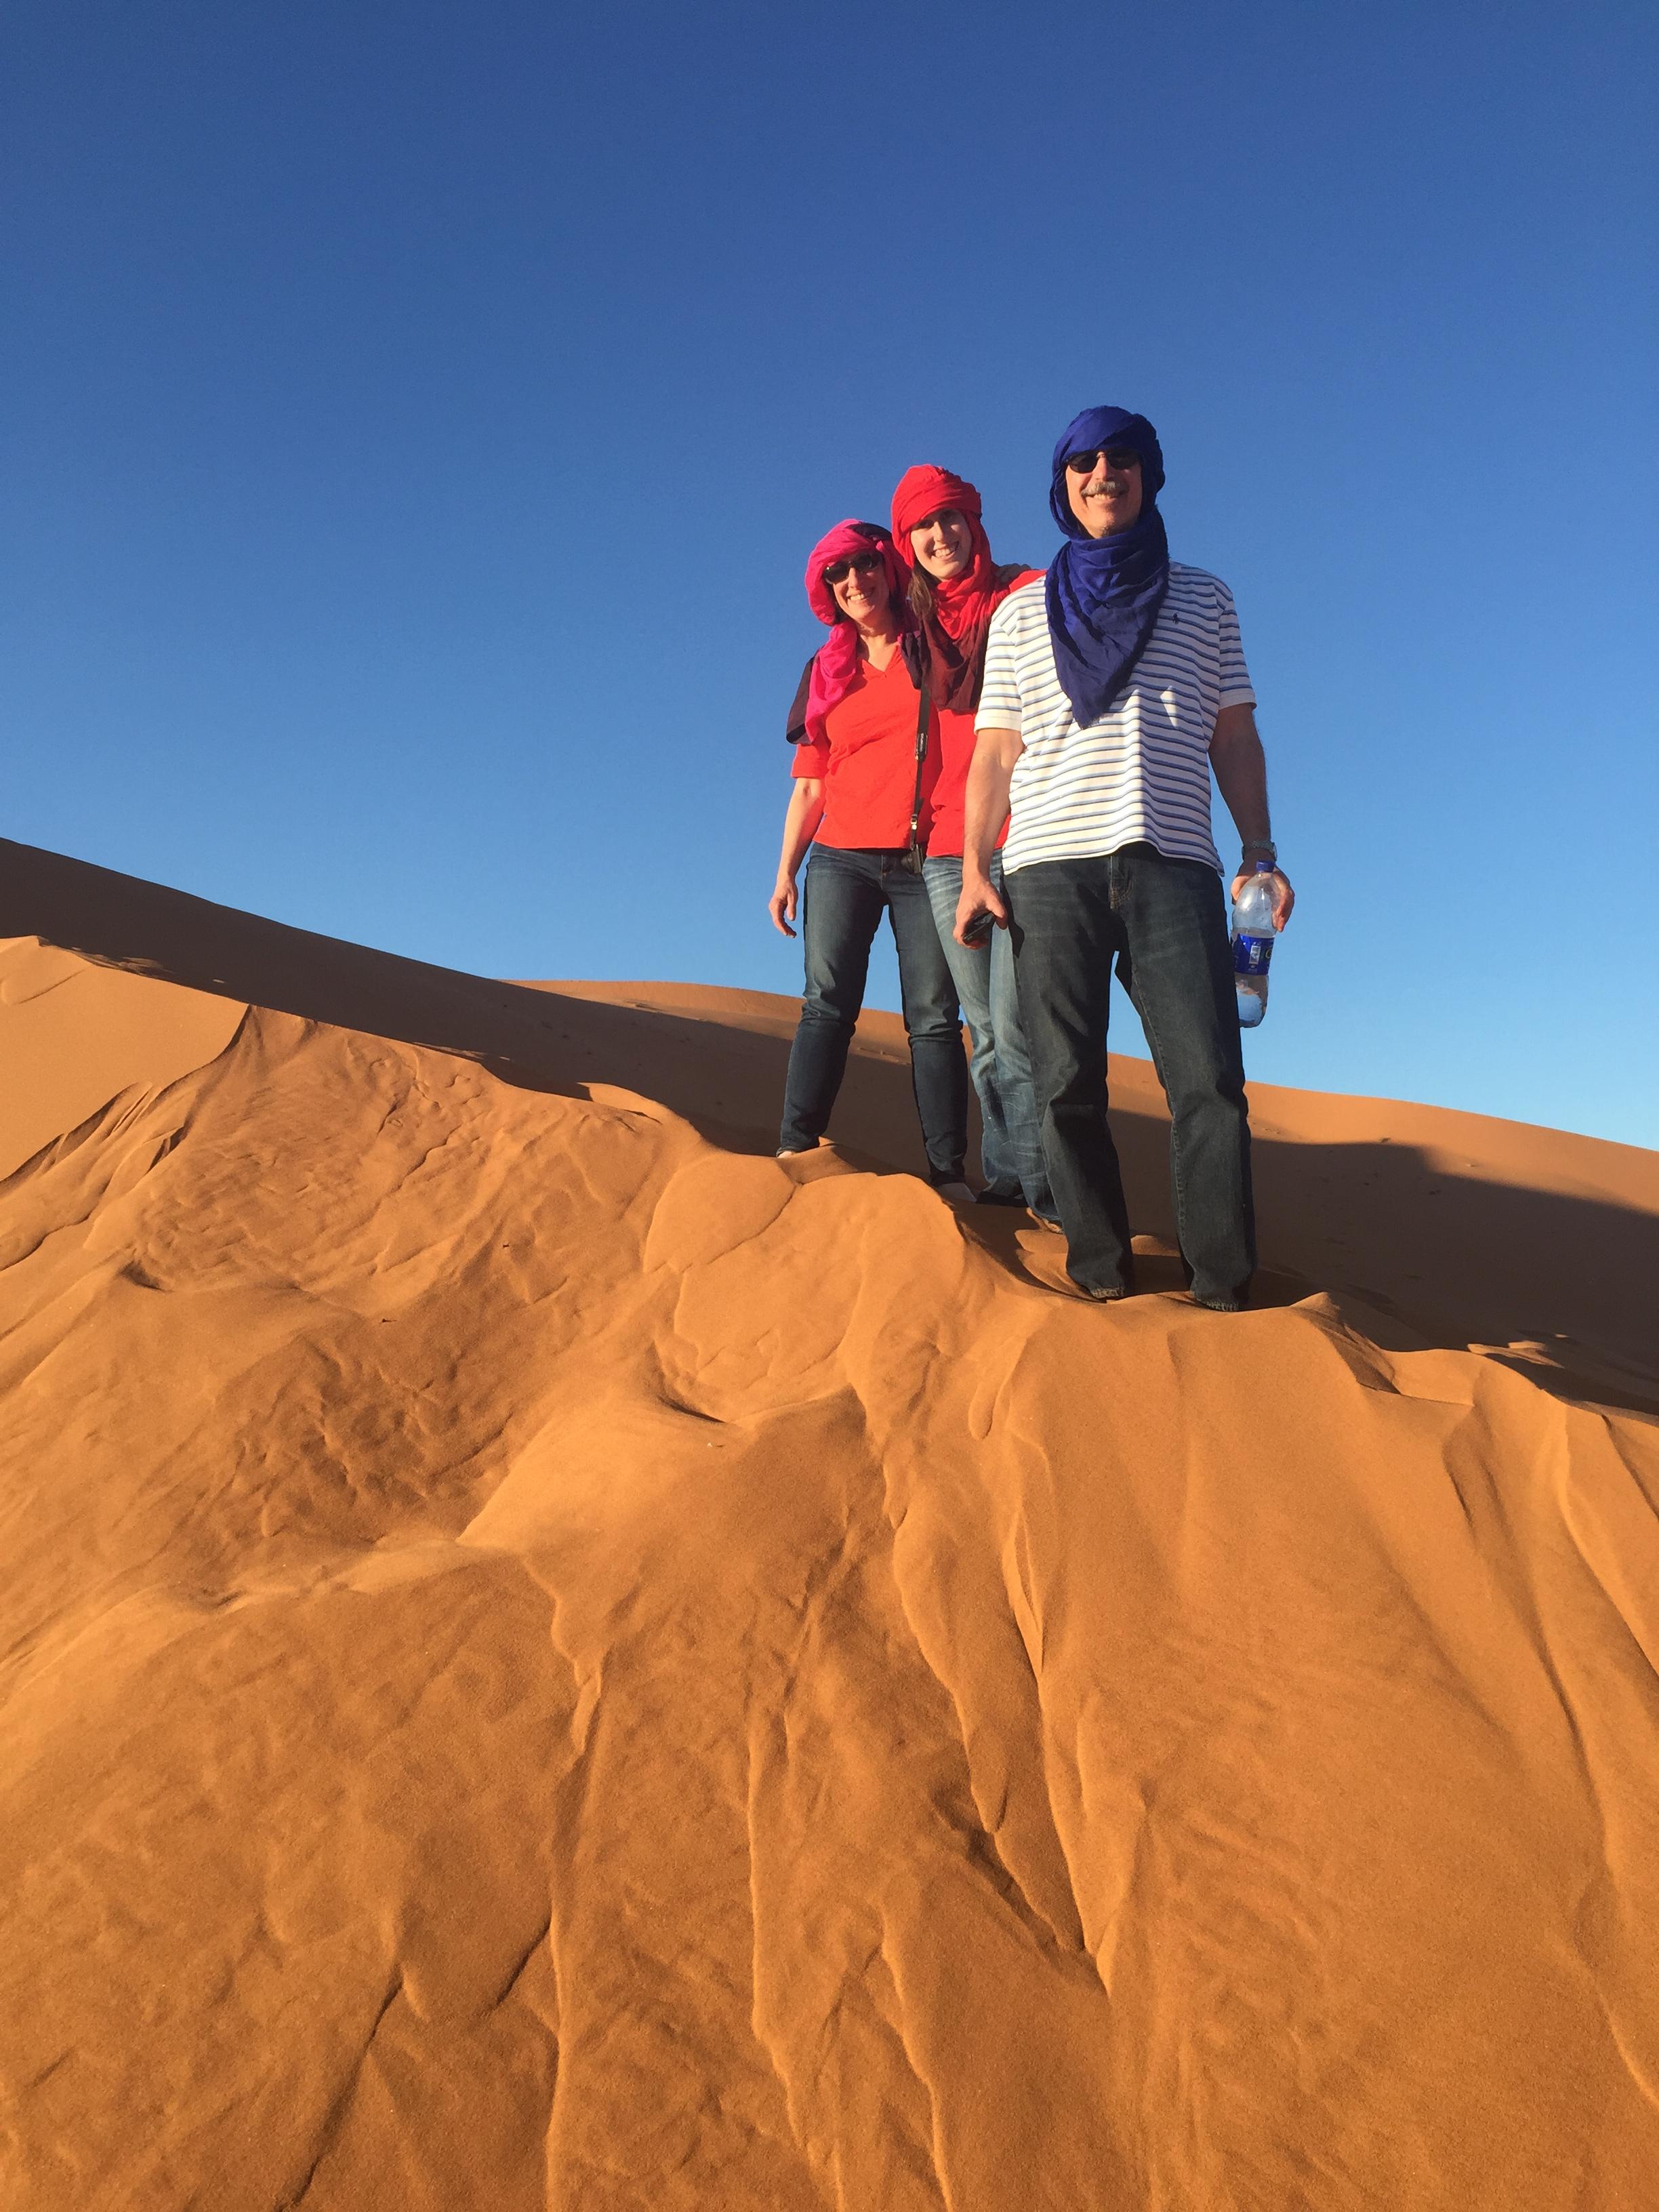 Standing on the Sahara Desert sand dune